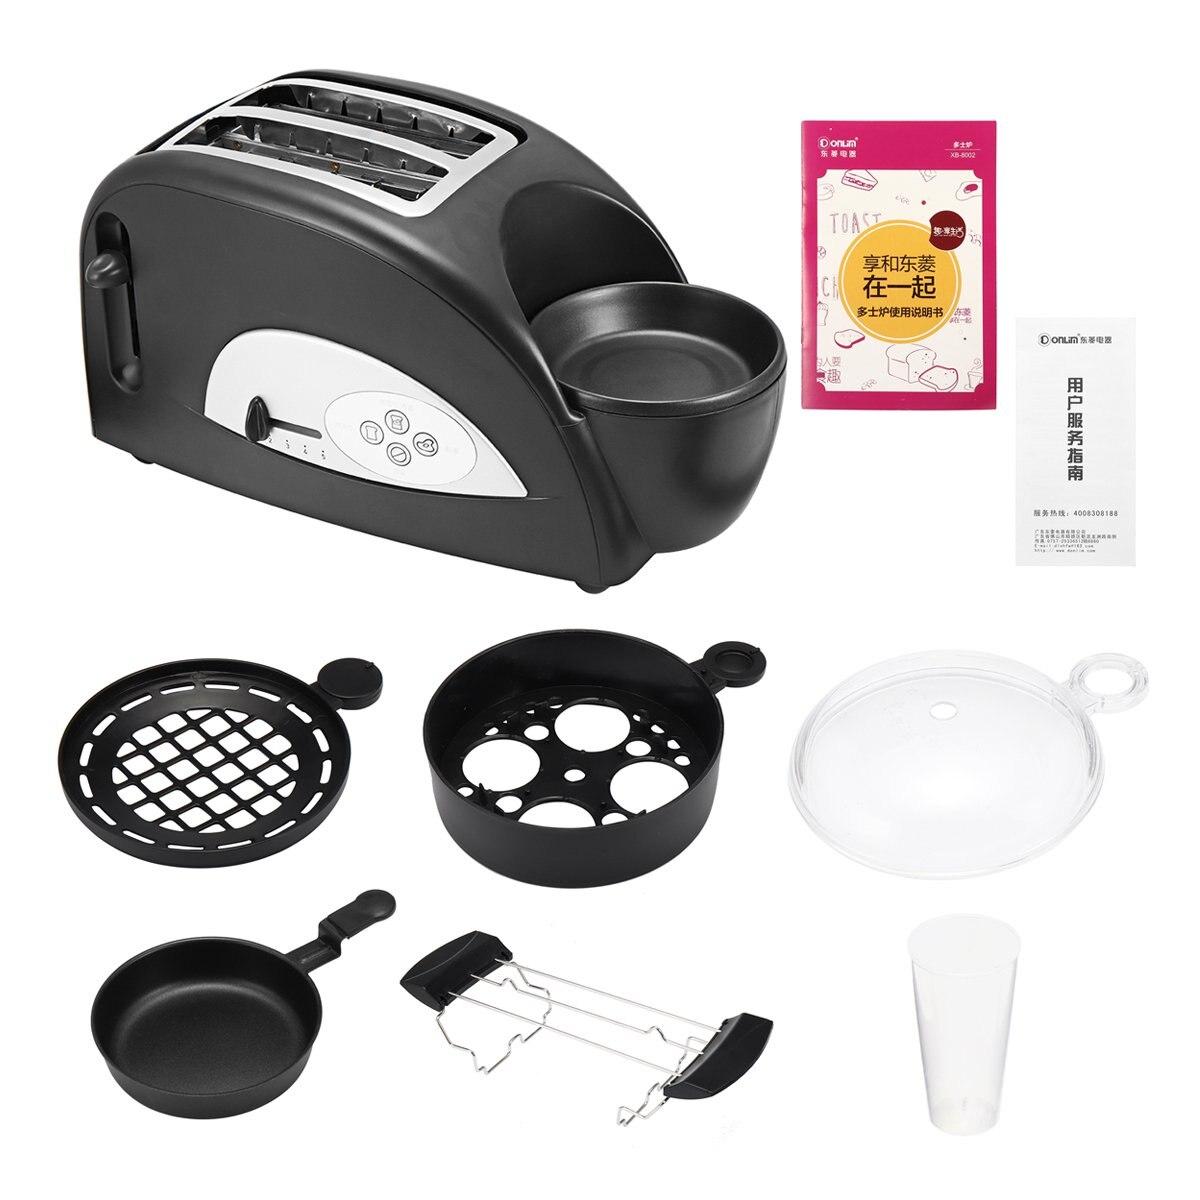 Multifonctionnel 2 en 1 en acier inoxydable 2 tranches pain grille-pain électrique oeufs cuisinière petit déjeuner fabricant ménage four Machine 1200 W